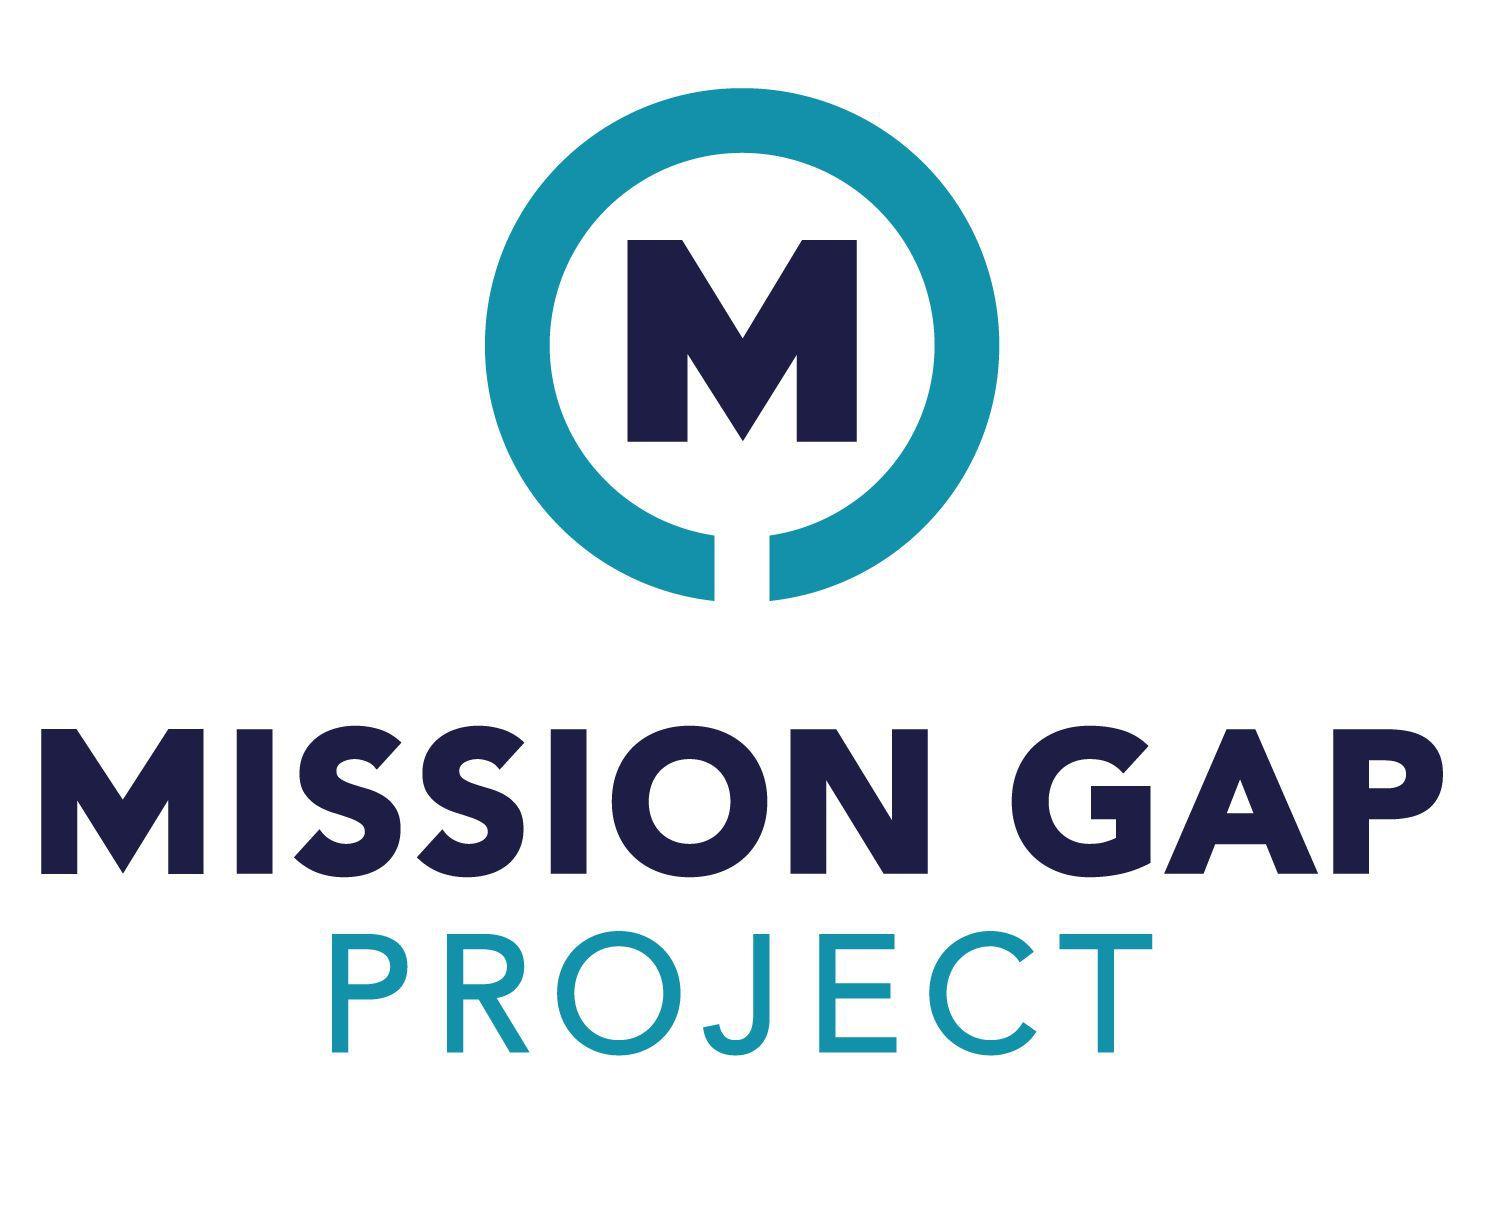 Bildmarke: MISSION GAP PROJECT